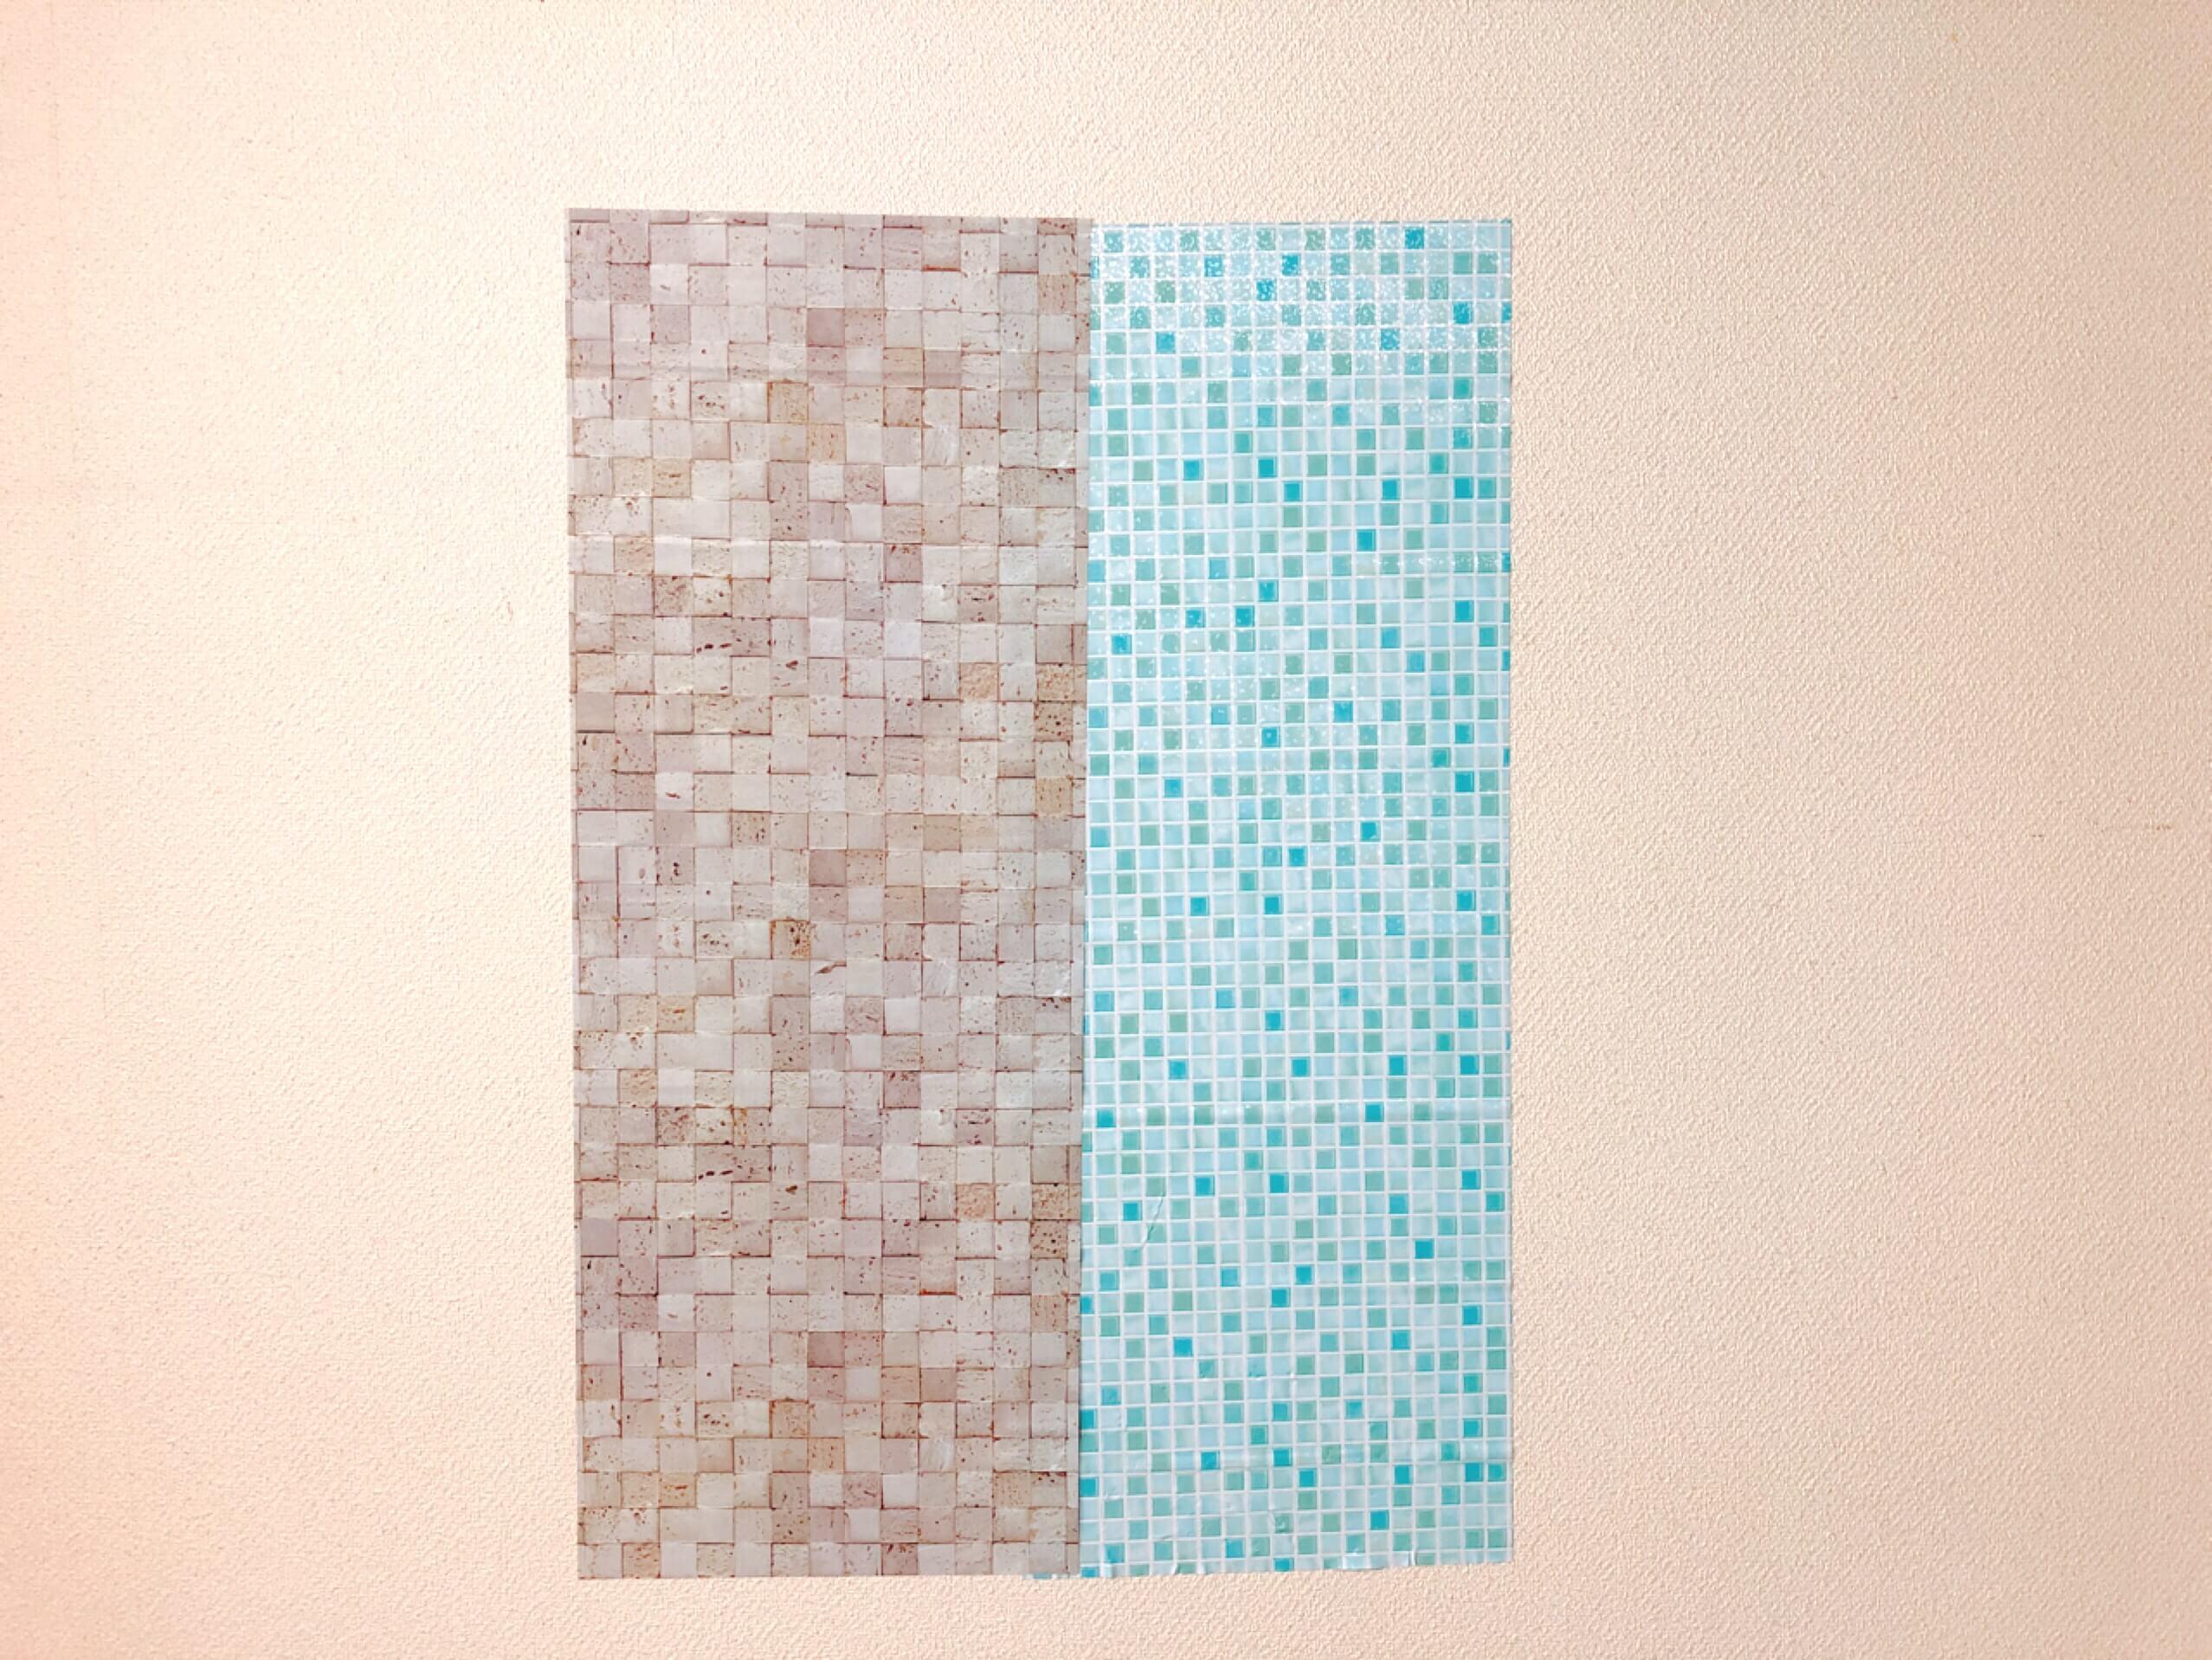 ダイソーのリメイクシート コンクリート柄とカラータイル柄を並べてみた